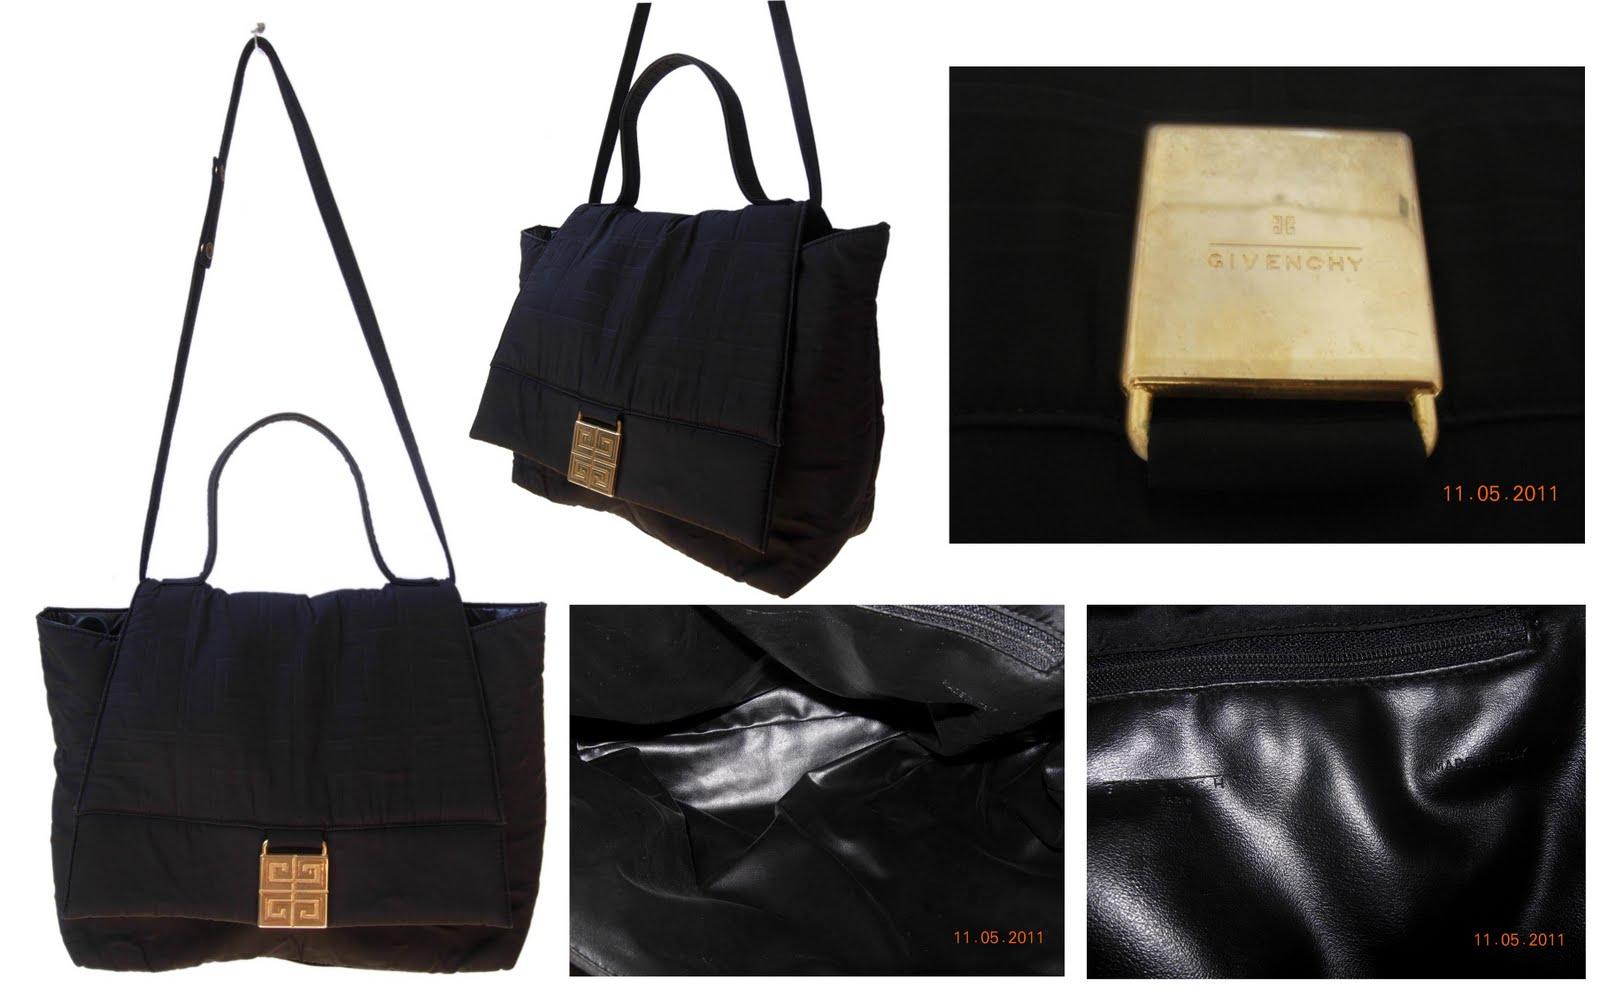 berapa harga tas givenchy asli - harga jual harga tas merk hermes ... d96741f48a